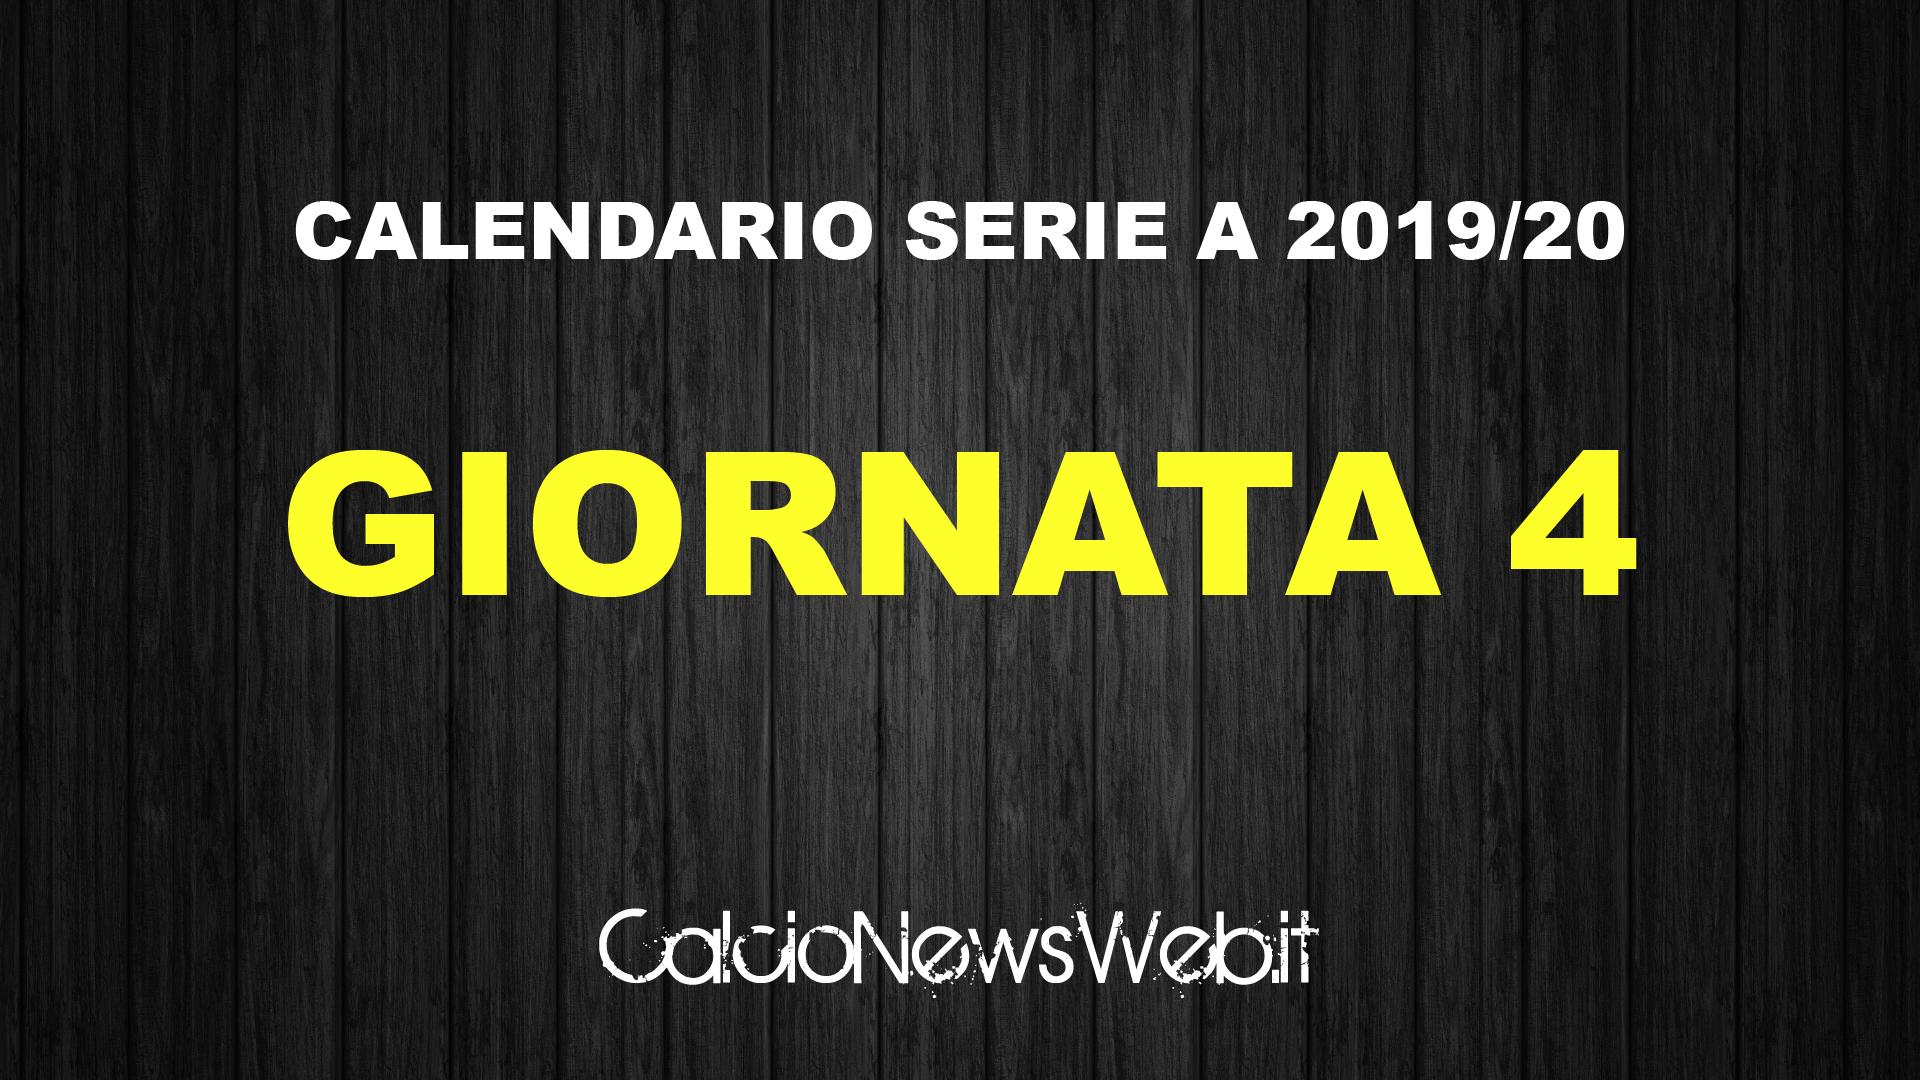 Calendario Serie A Ecco Le Partite Della Quarta Giornata Calcionewsweb It